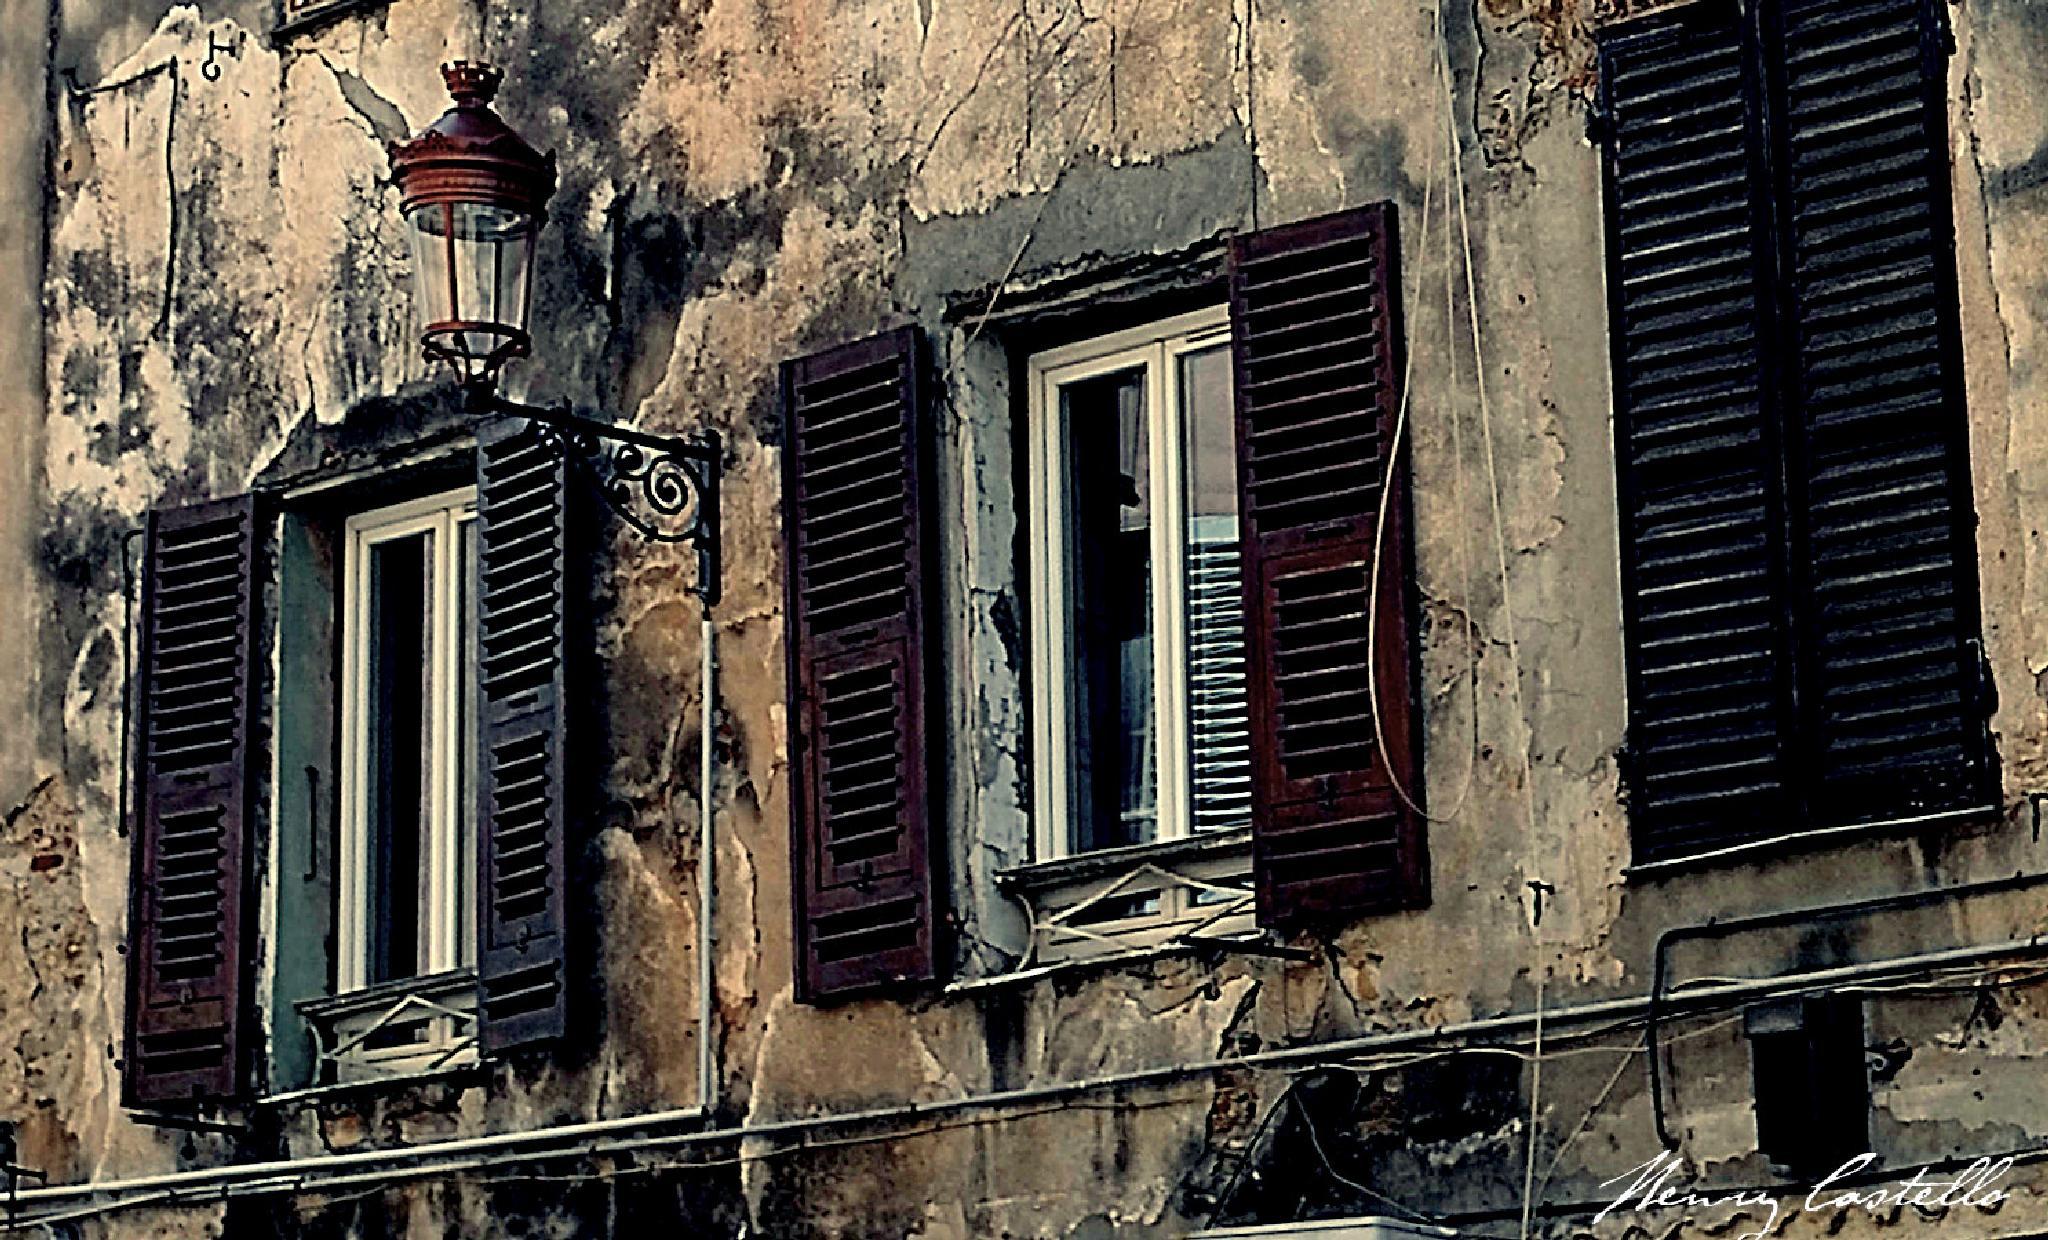 Deux fenetres ouvertes, une fermèe. by henry castello